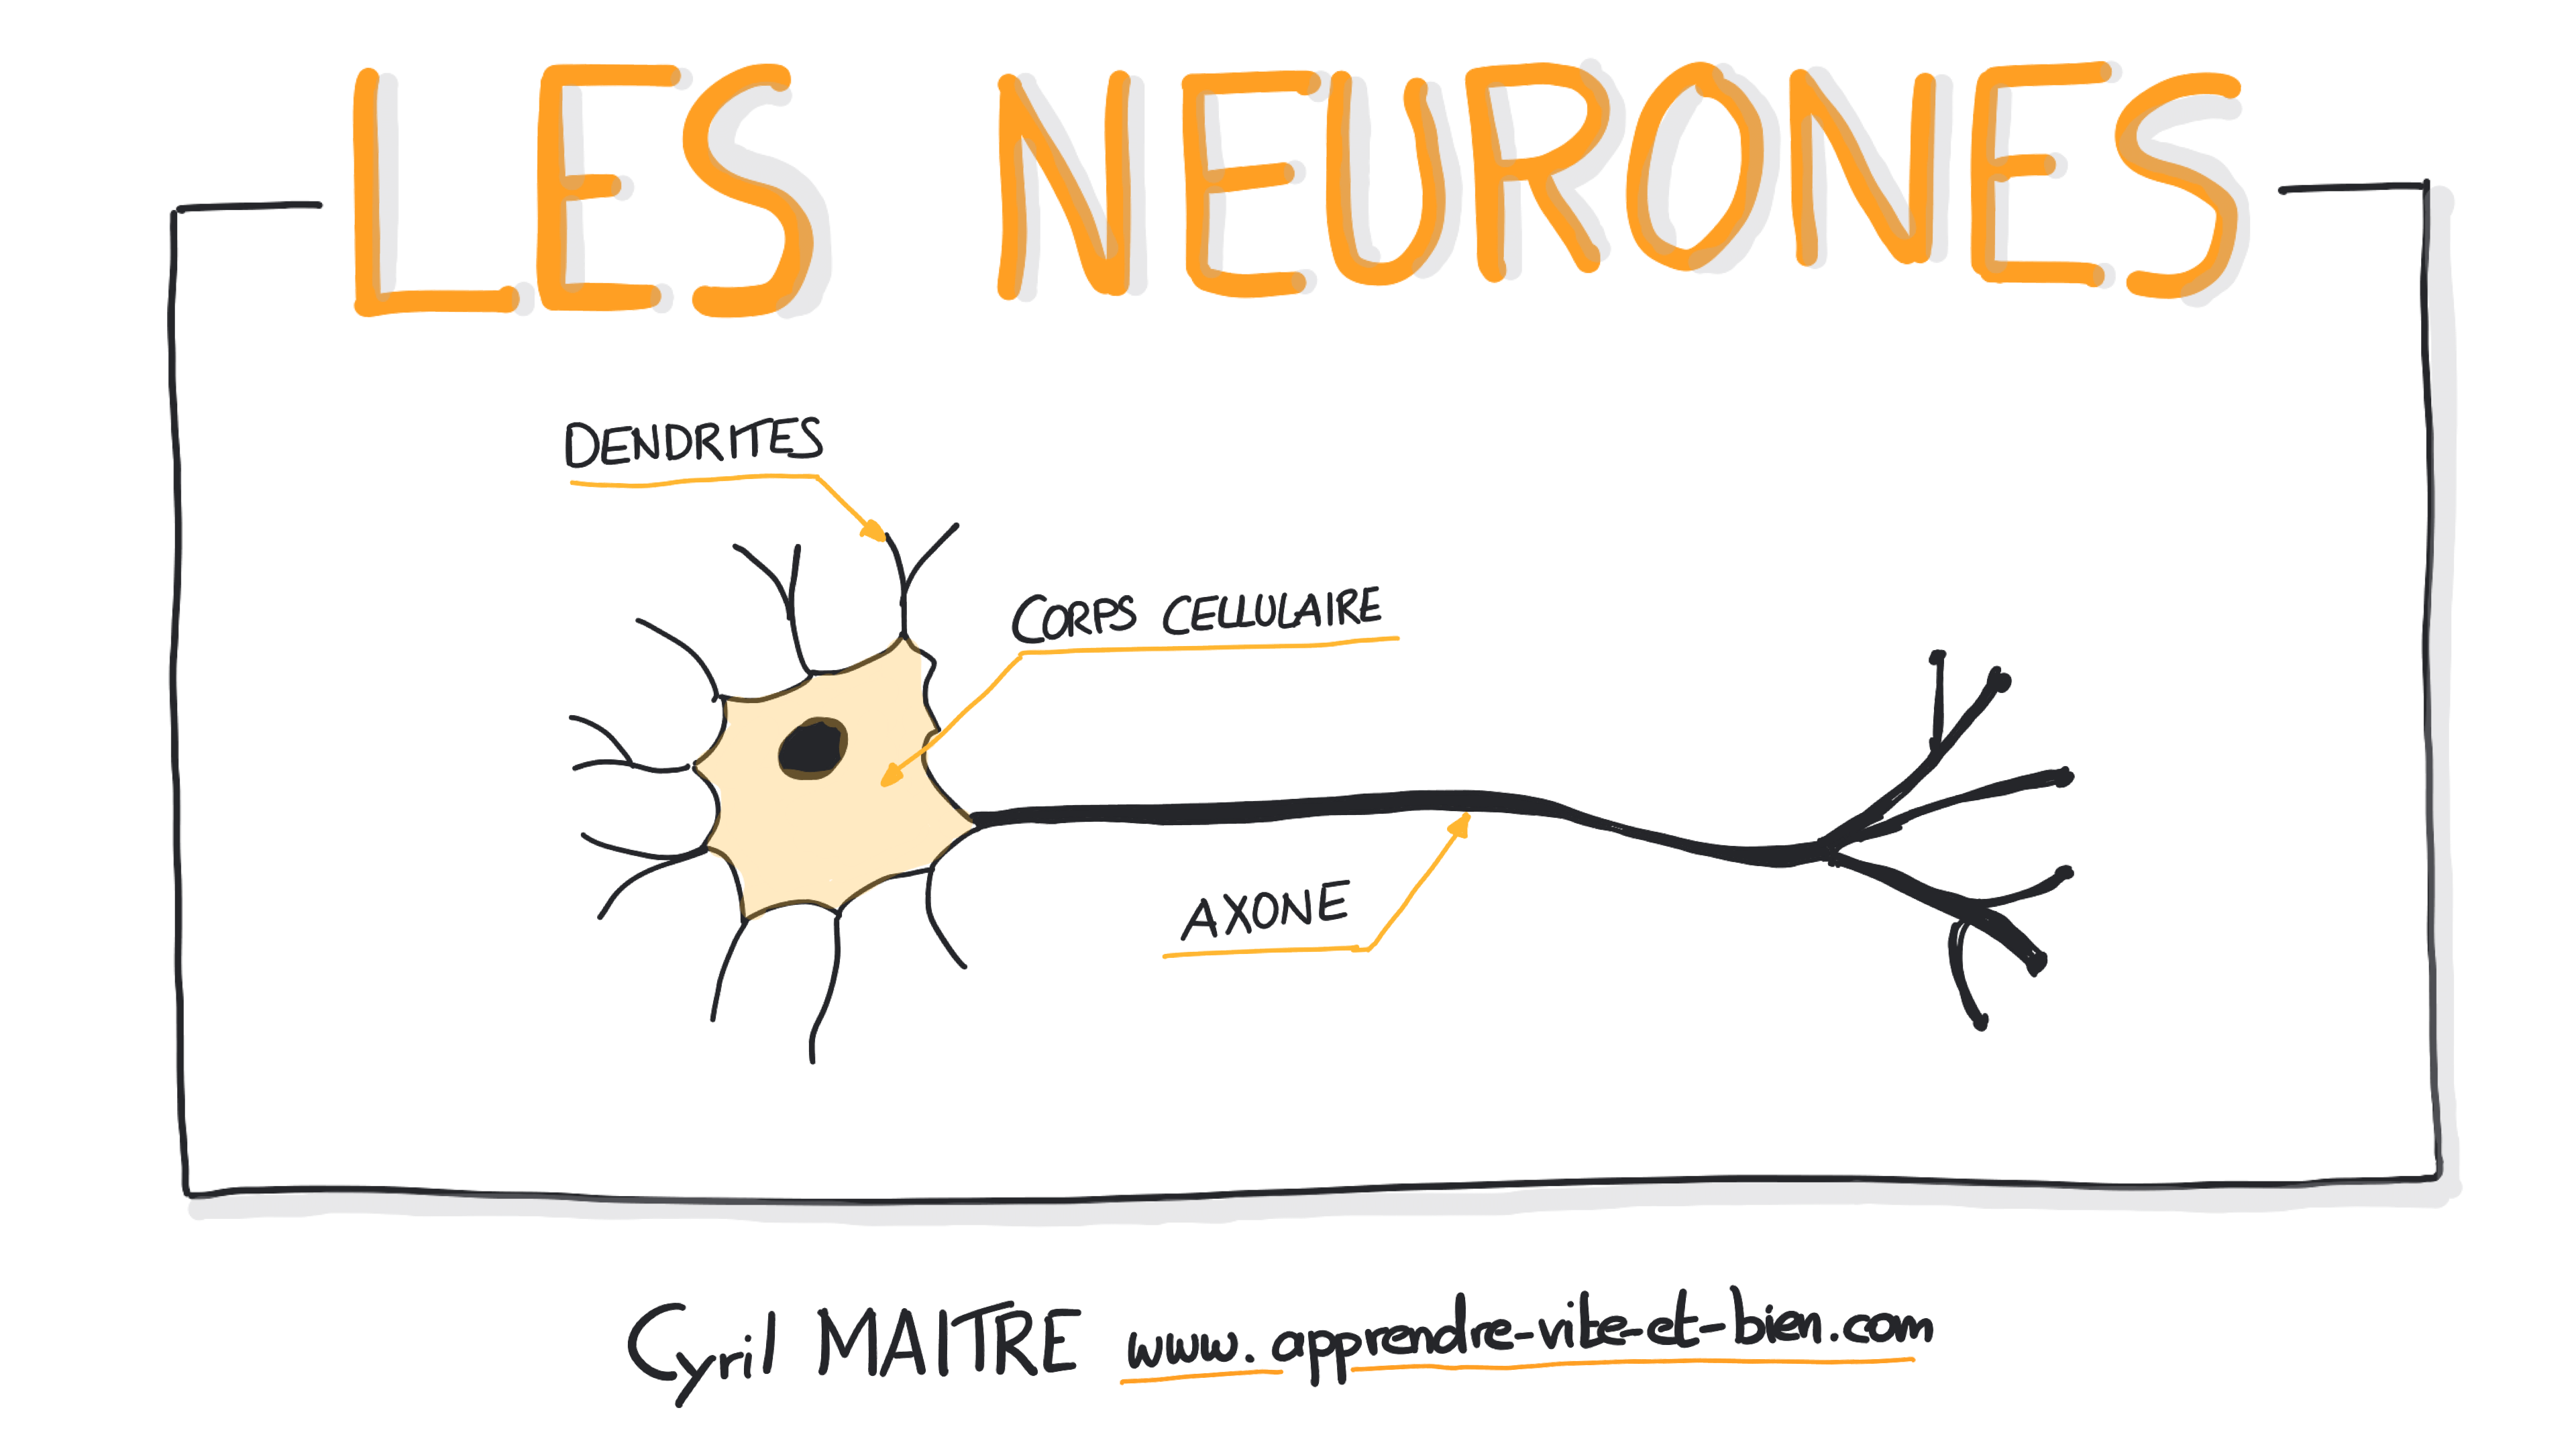 Présentation de la vidéo 'Les neurones'